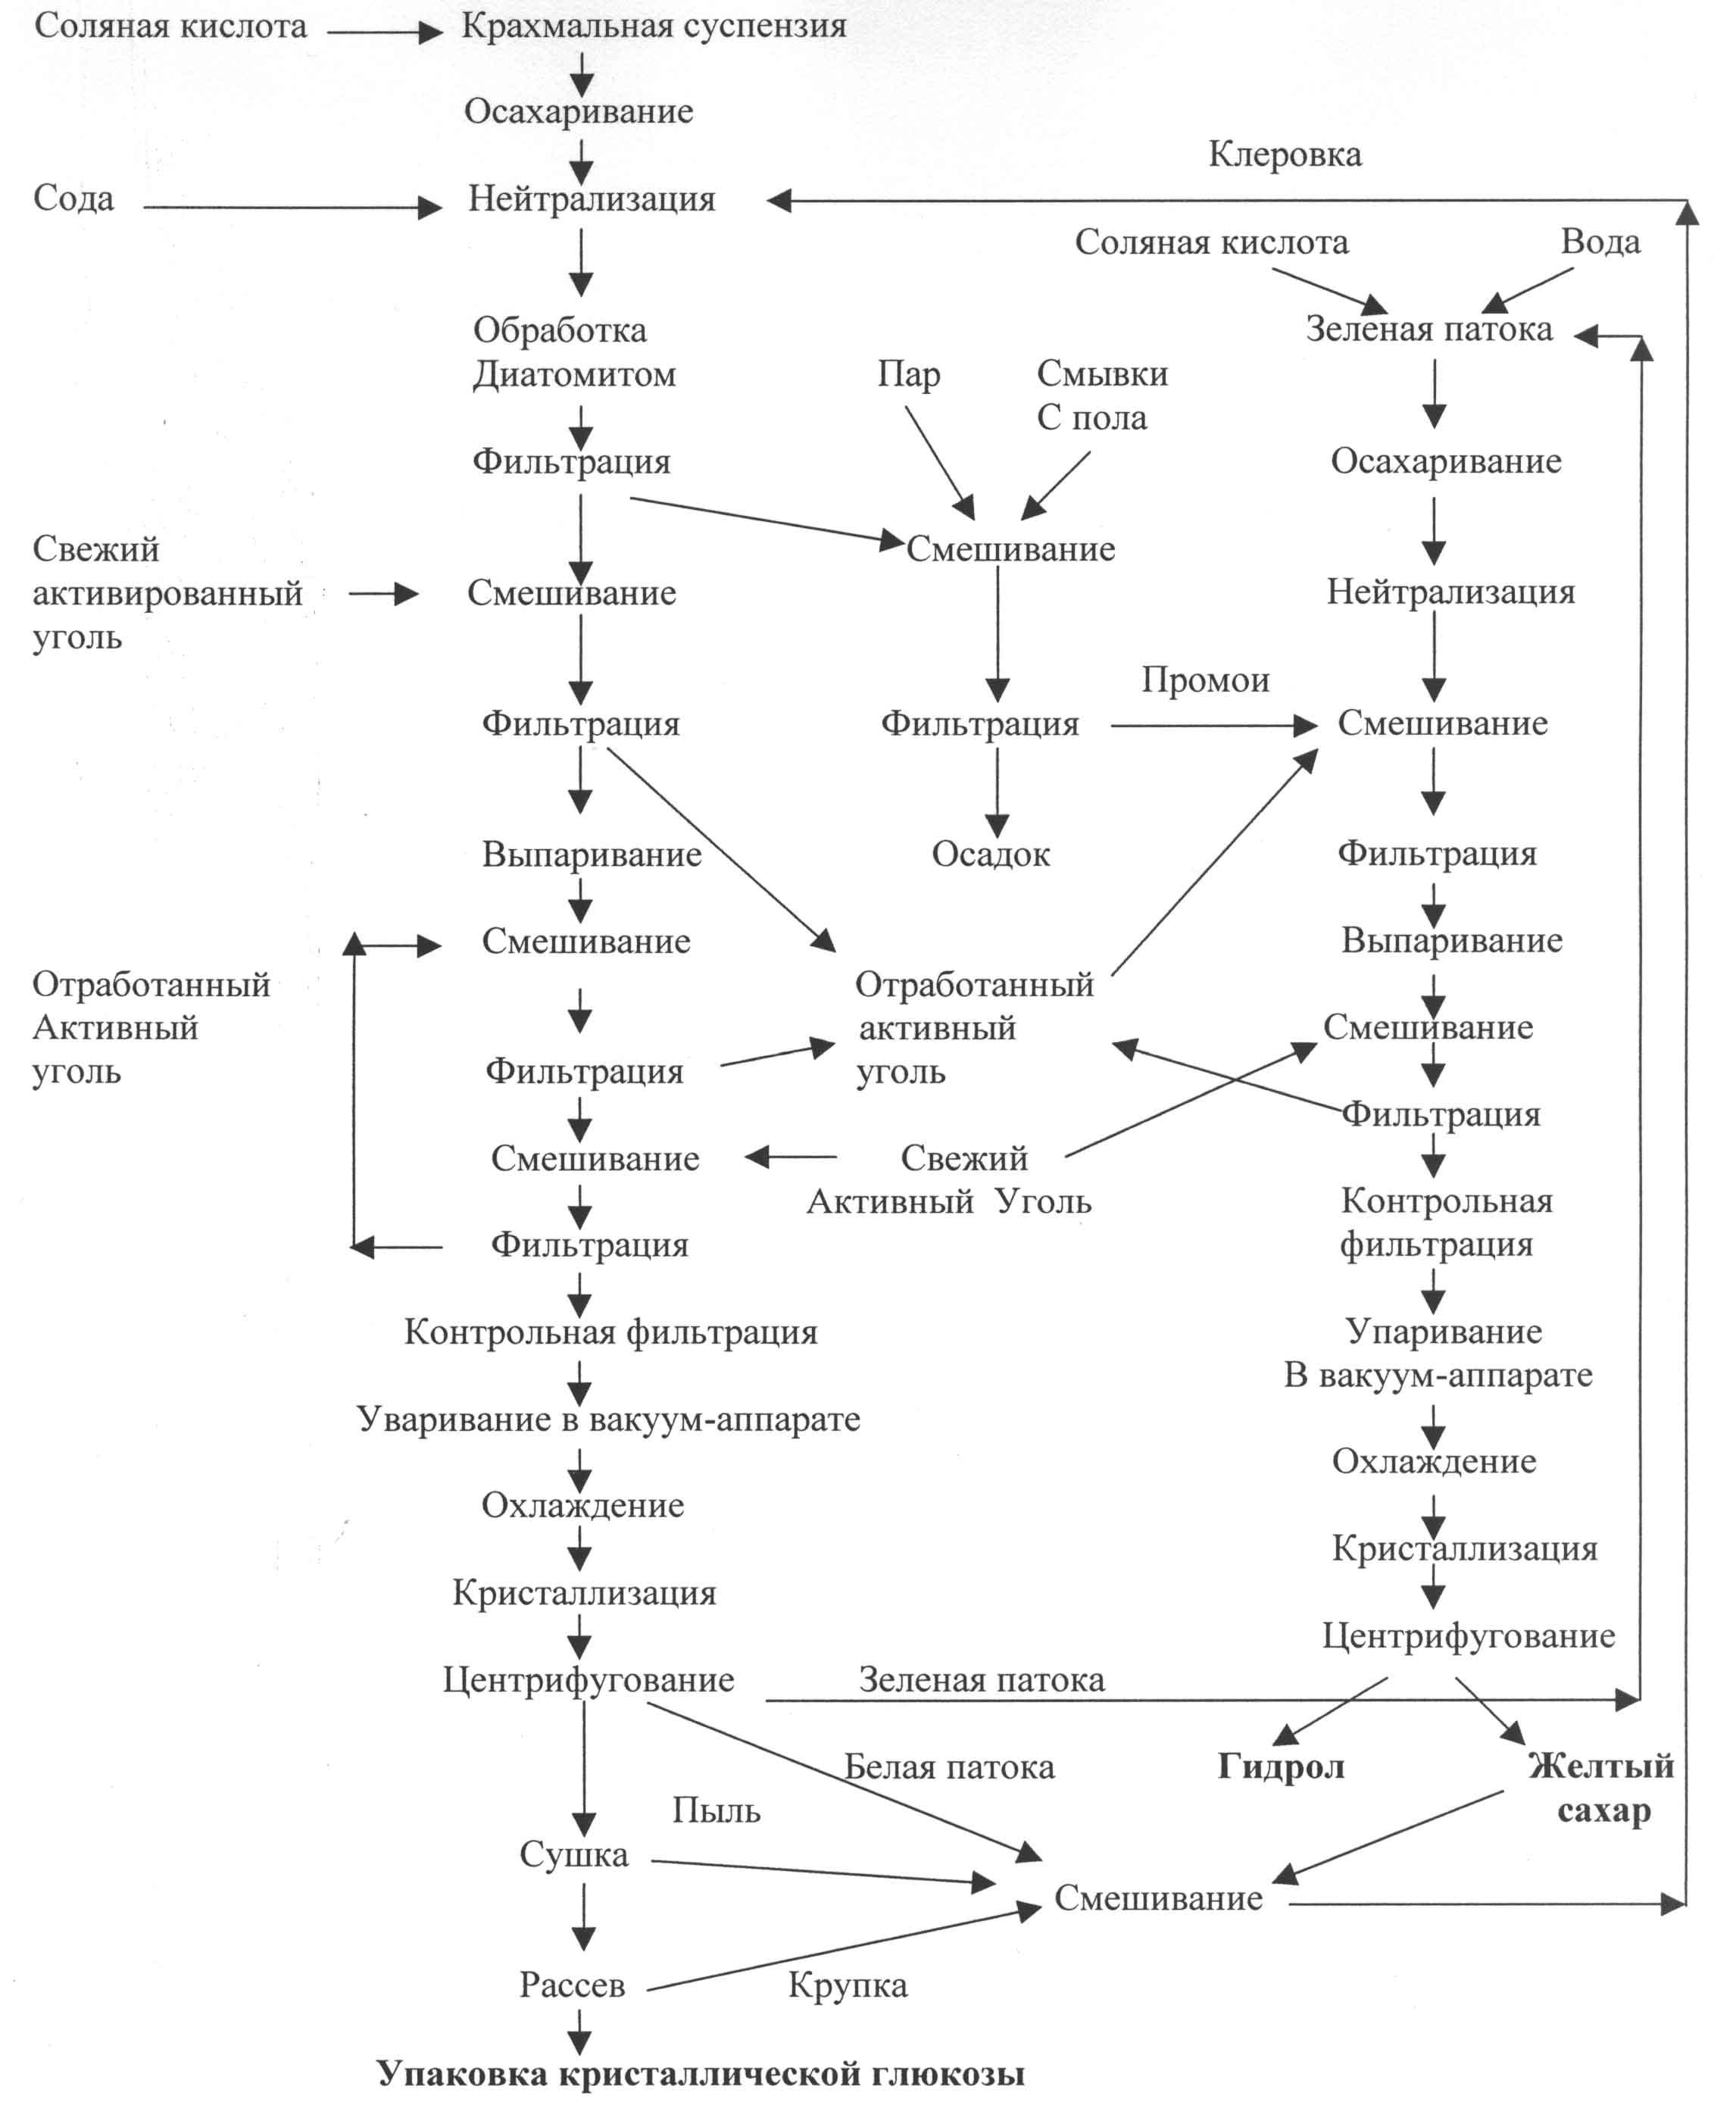 схема производства масла заводская технология